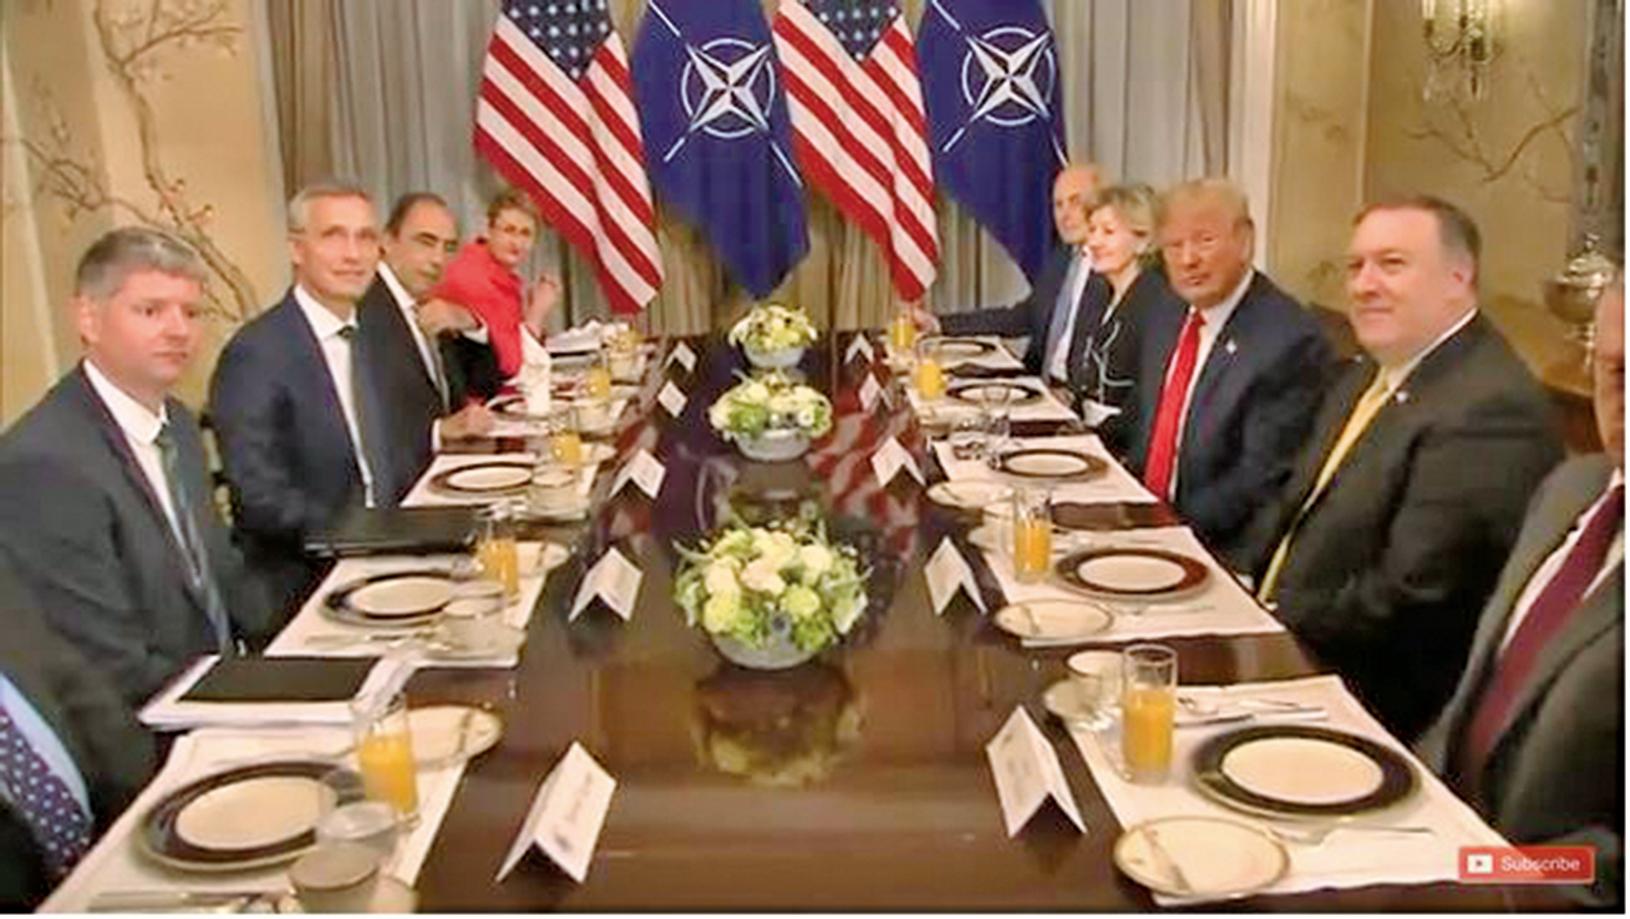 2018年7月11 日,美國總統特朗普(右排中)和北約秘書長斯托爾滕貝格出席早餐會。特朗普說,德國從俄羅斯獲得了大量的能源,成了俄羅斯的俘虜。(AFP)